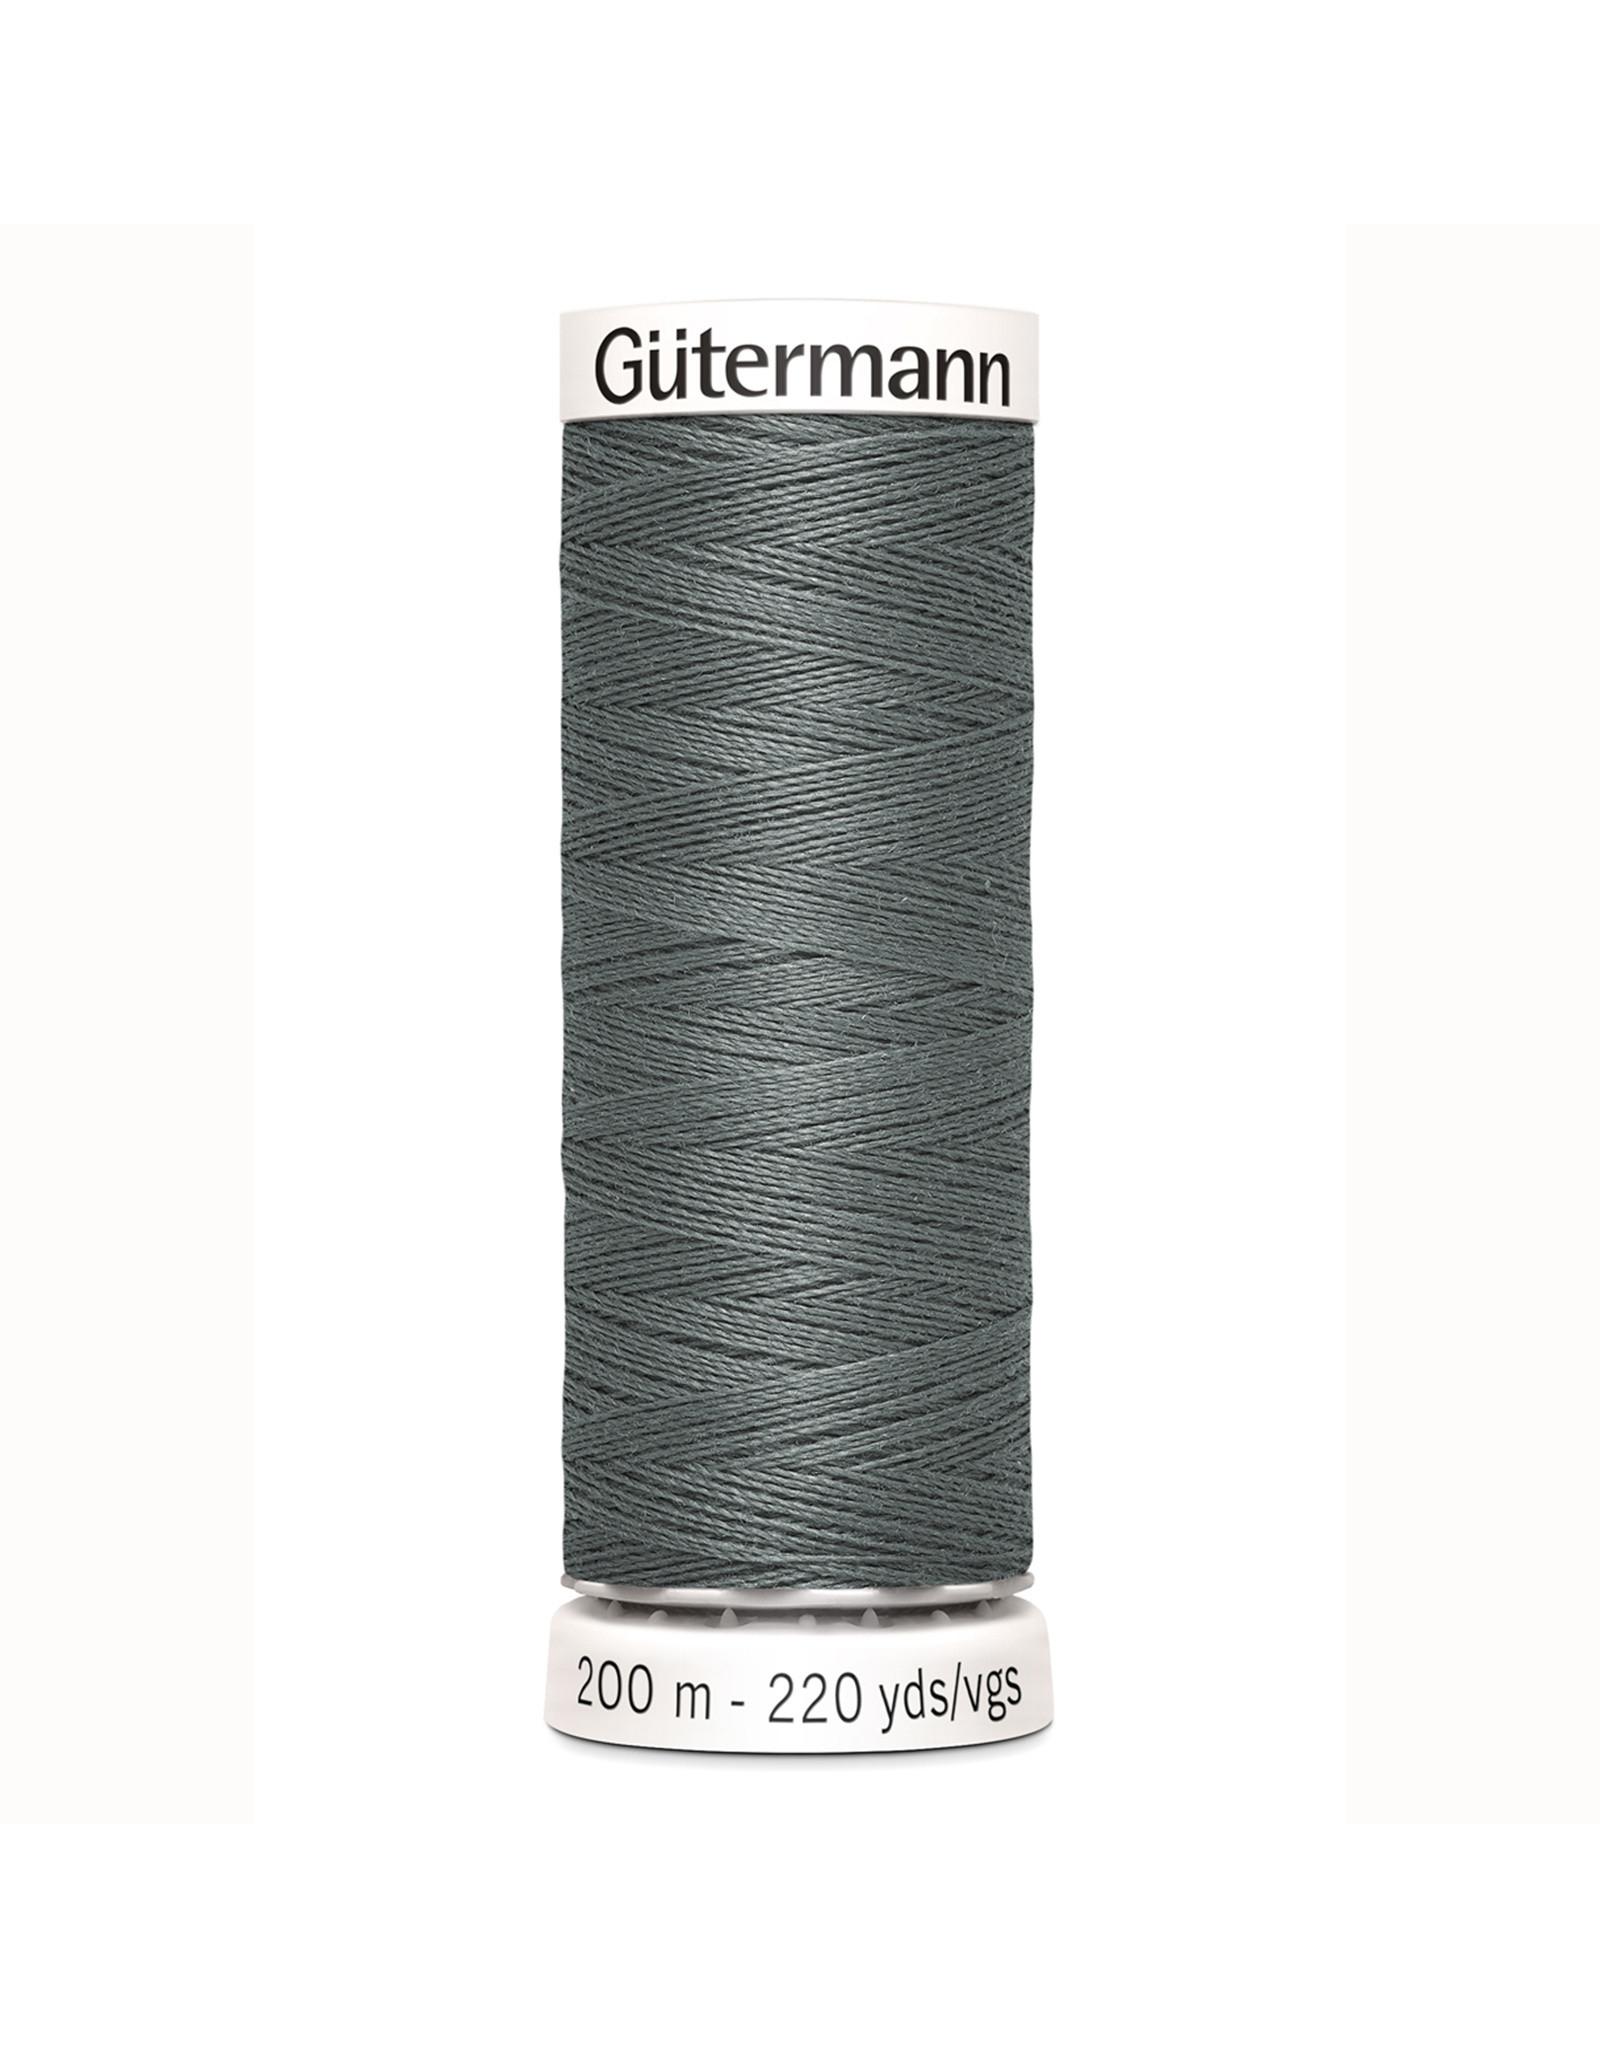 Gütermann Gütermann Sewing Thread 200 m - nr 701